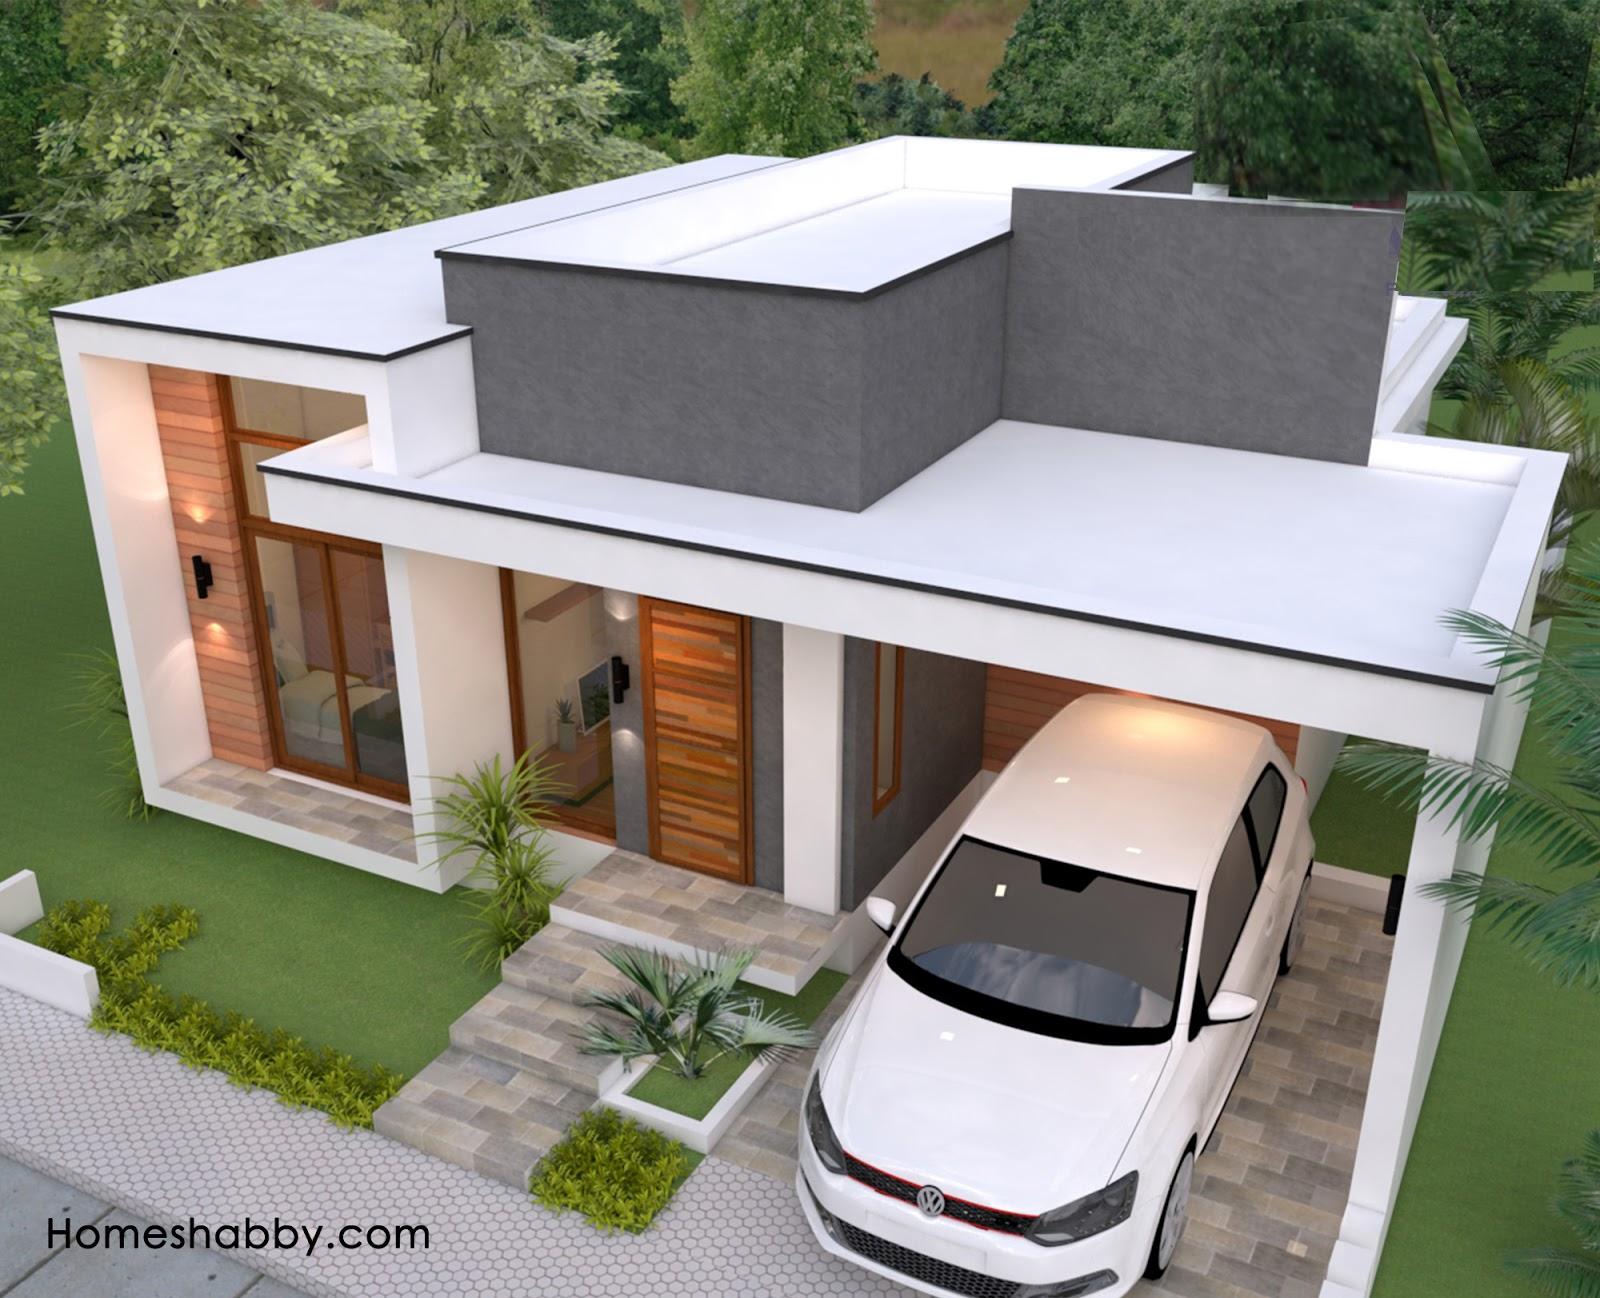 Desain Dan Denah Rumah Minimalis Modern Lengkap Dengan Mushola Serta 3 Kamar Tidur Ukuran Rumah 10 X 12 M Homeshabby Com Design Home Plans Home Decorating And Interior Design Atap dak beton minimalis